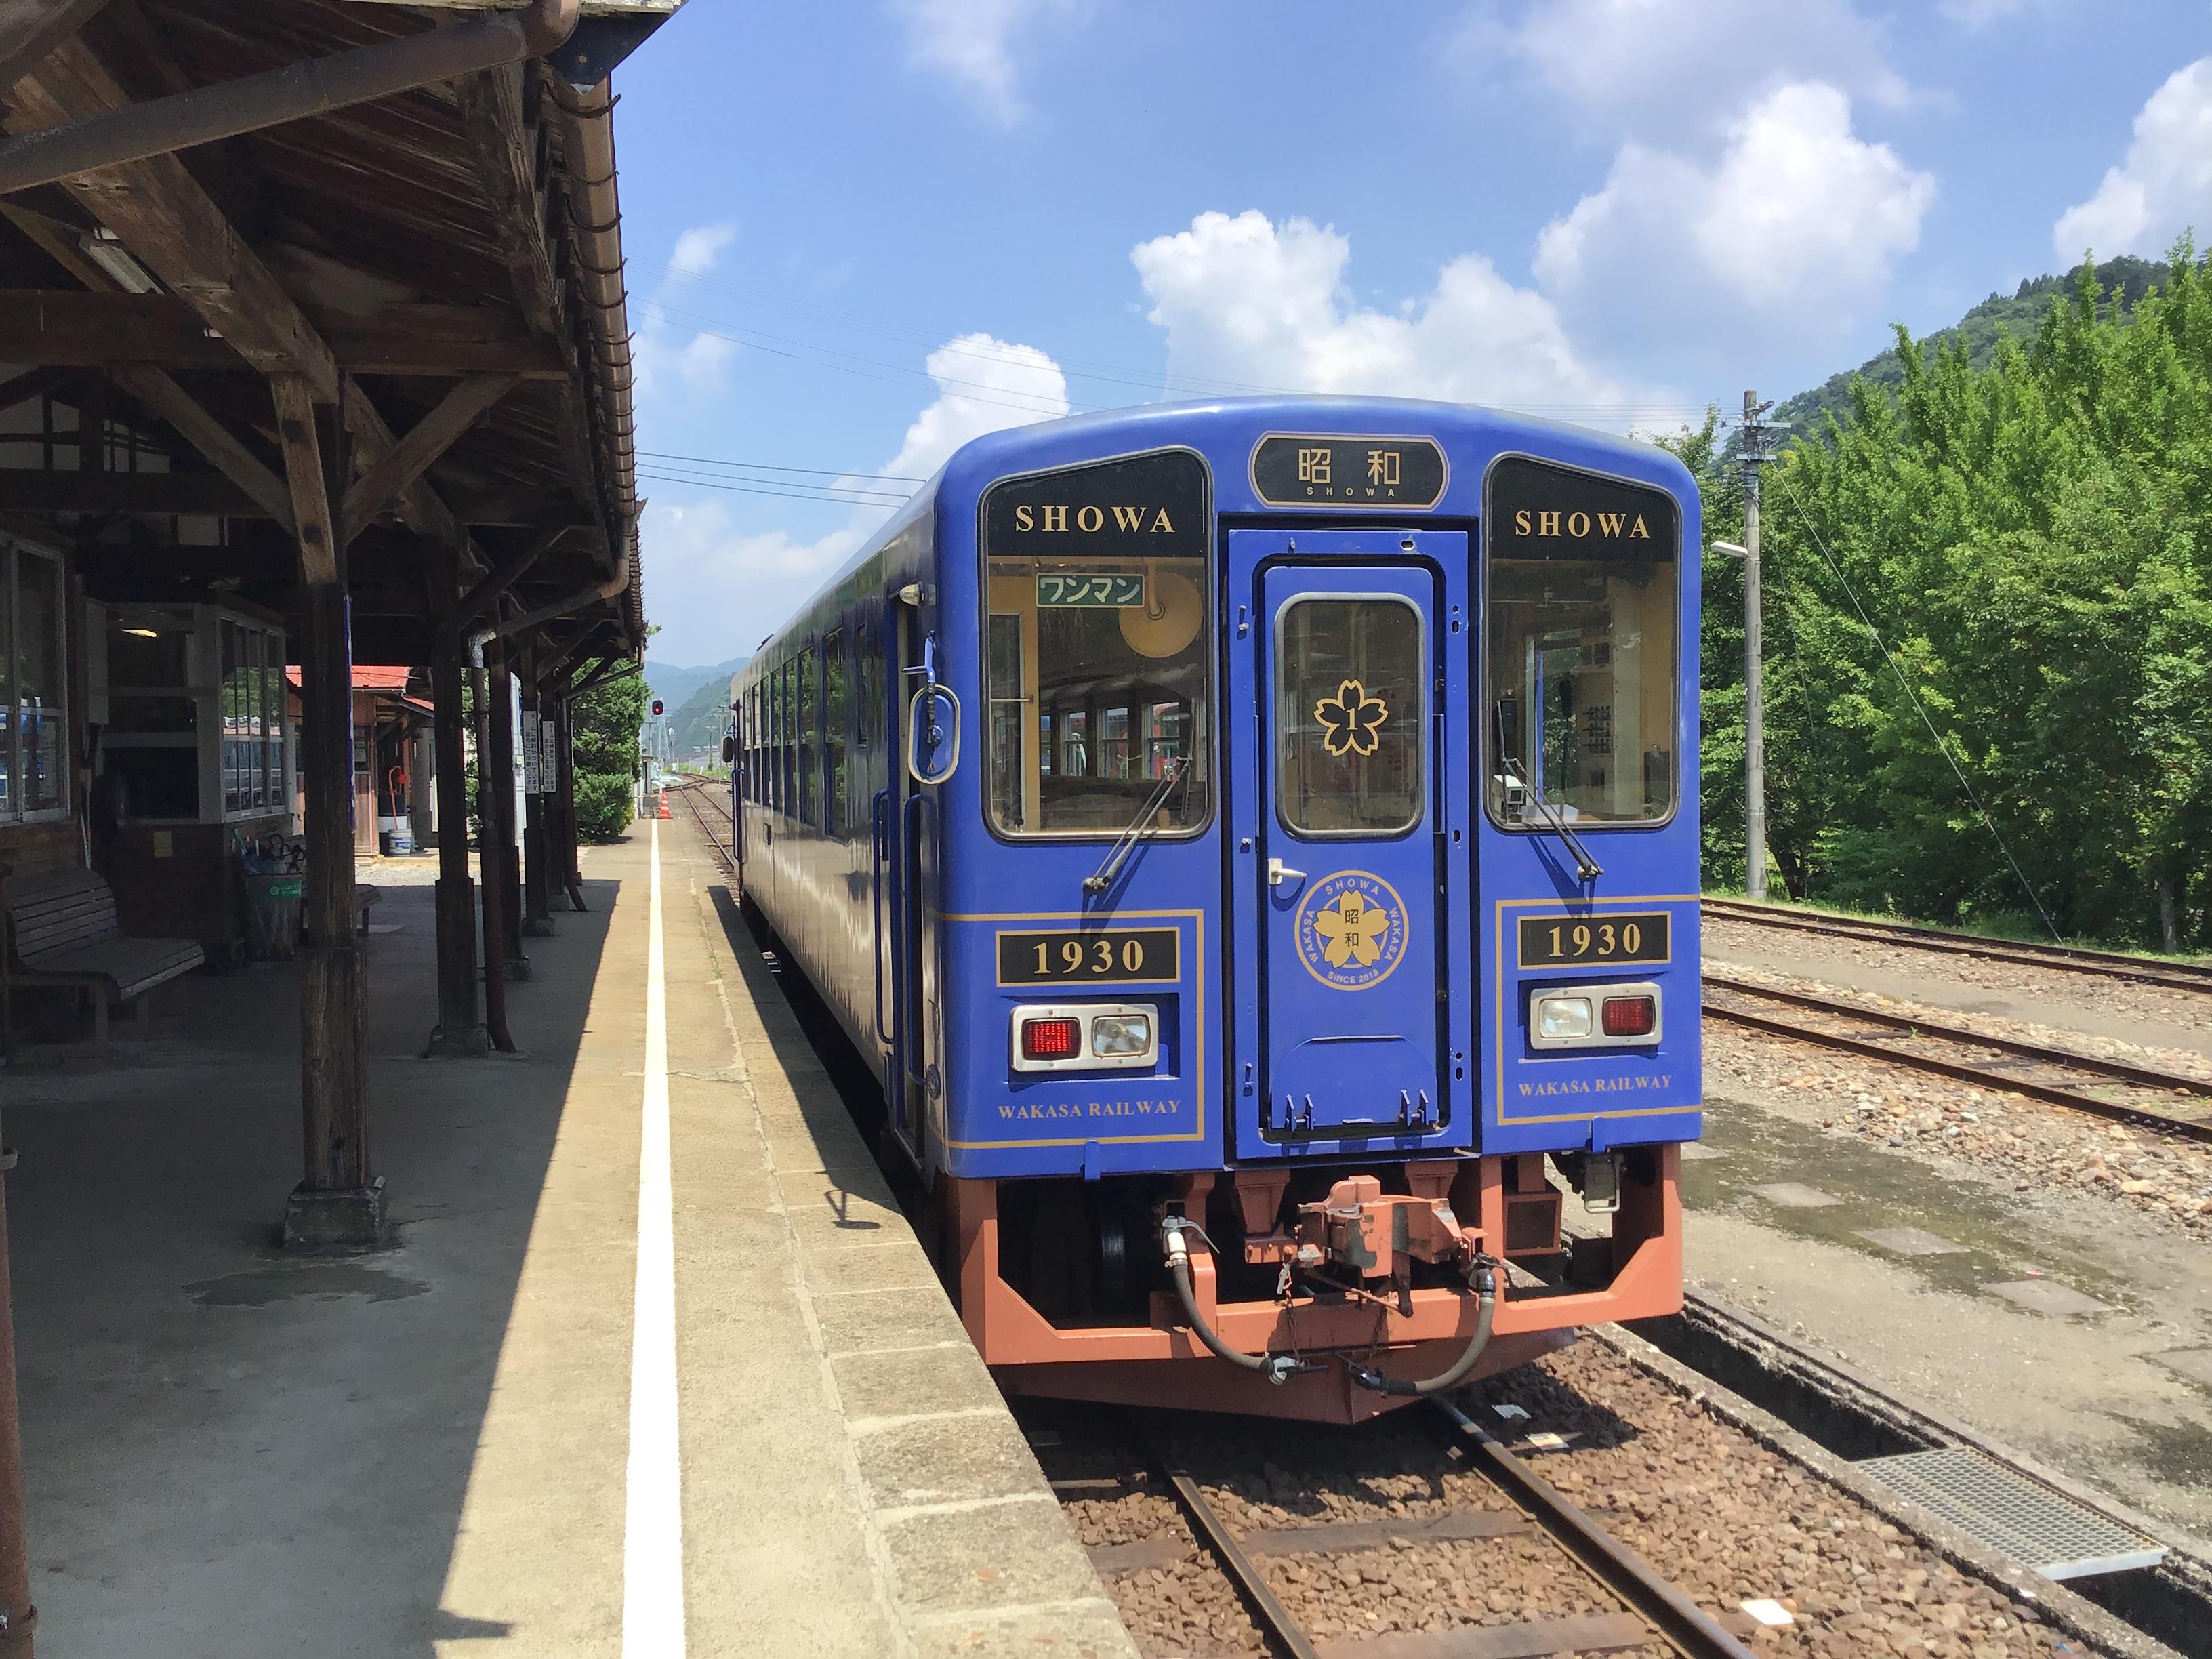 若桜鉄道についてYAHOOニュースを書きました。